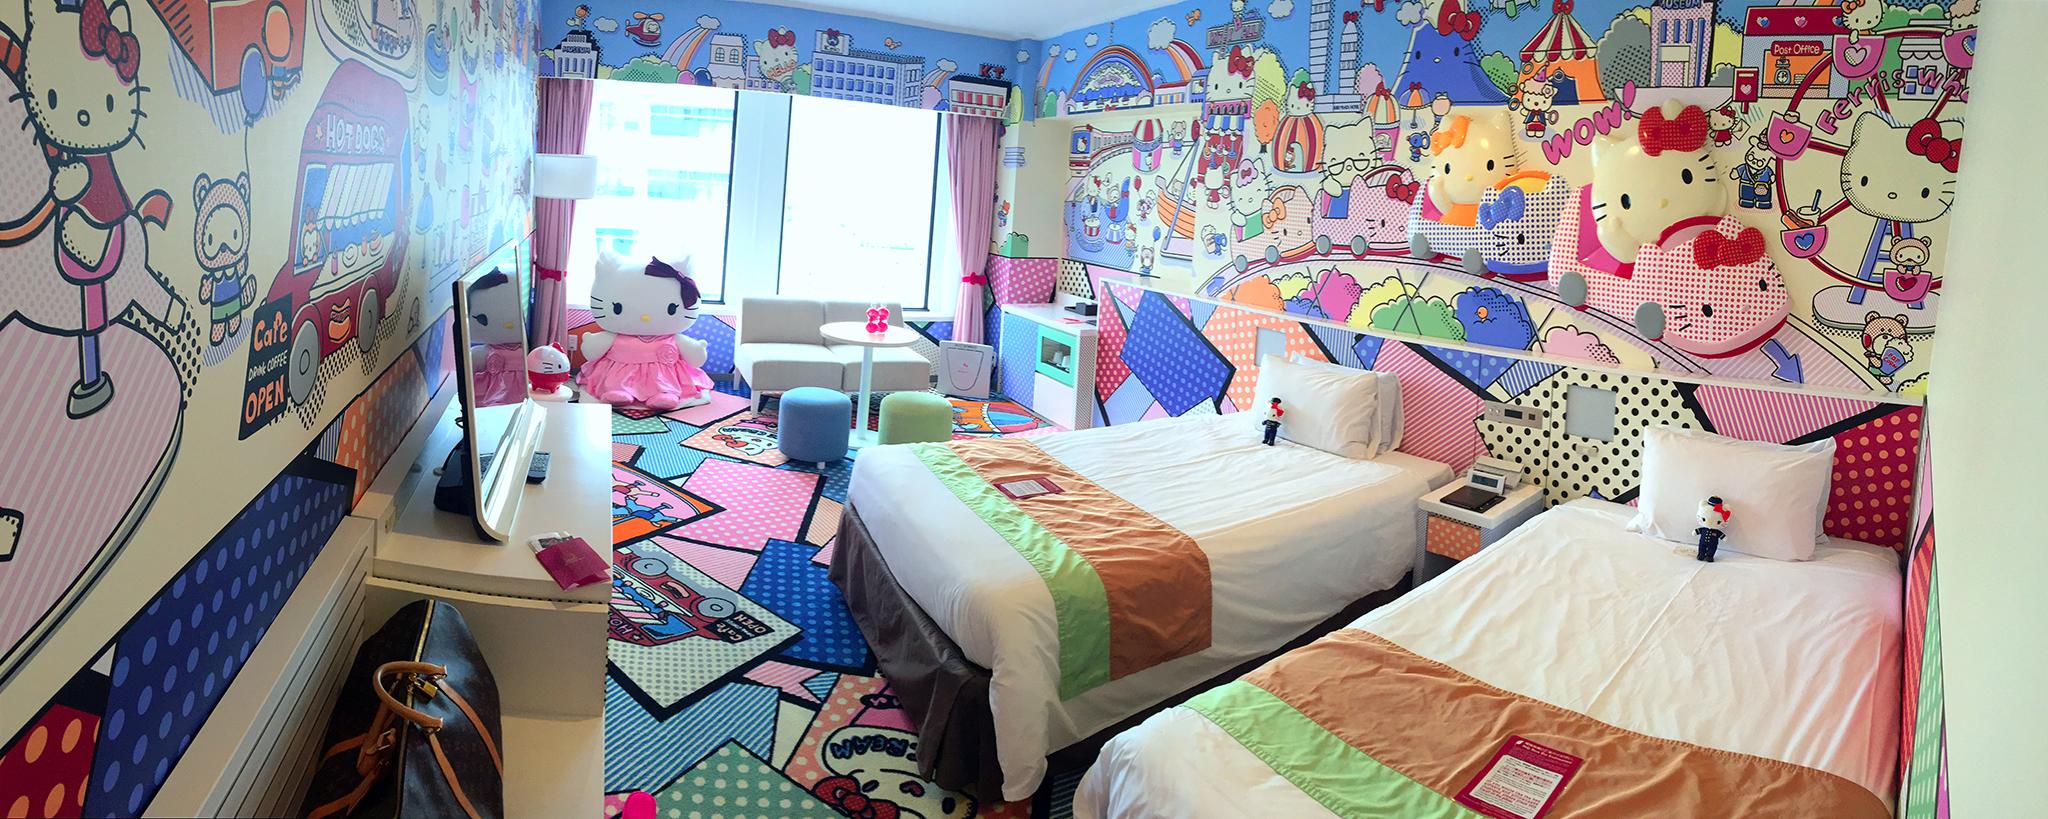 Hotel Keio Plaza Tokio - Hotel Hello Kitty Tokio